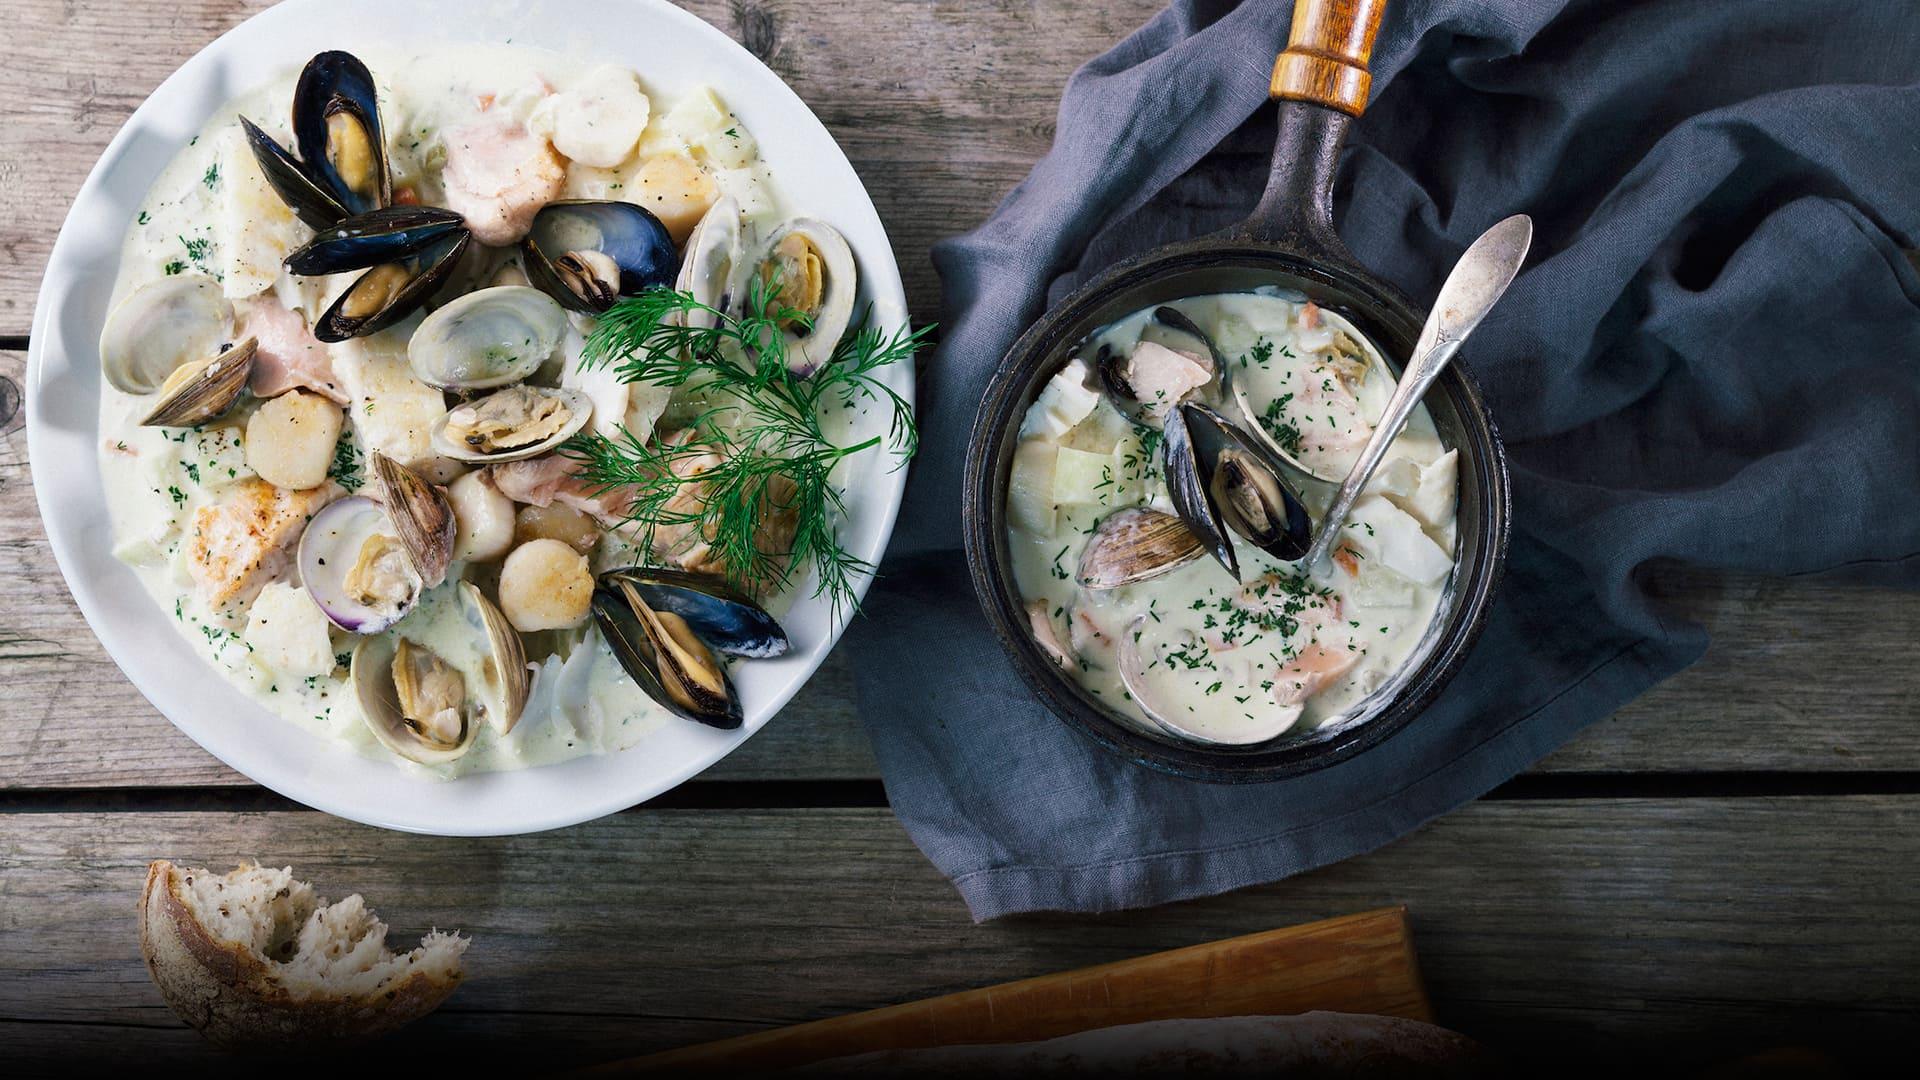 Đi biển Tân Thành, ghé các quán ăn hải sản sát bên bờ thưởng thức những món ăn chế biến từ nghêu.